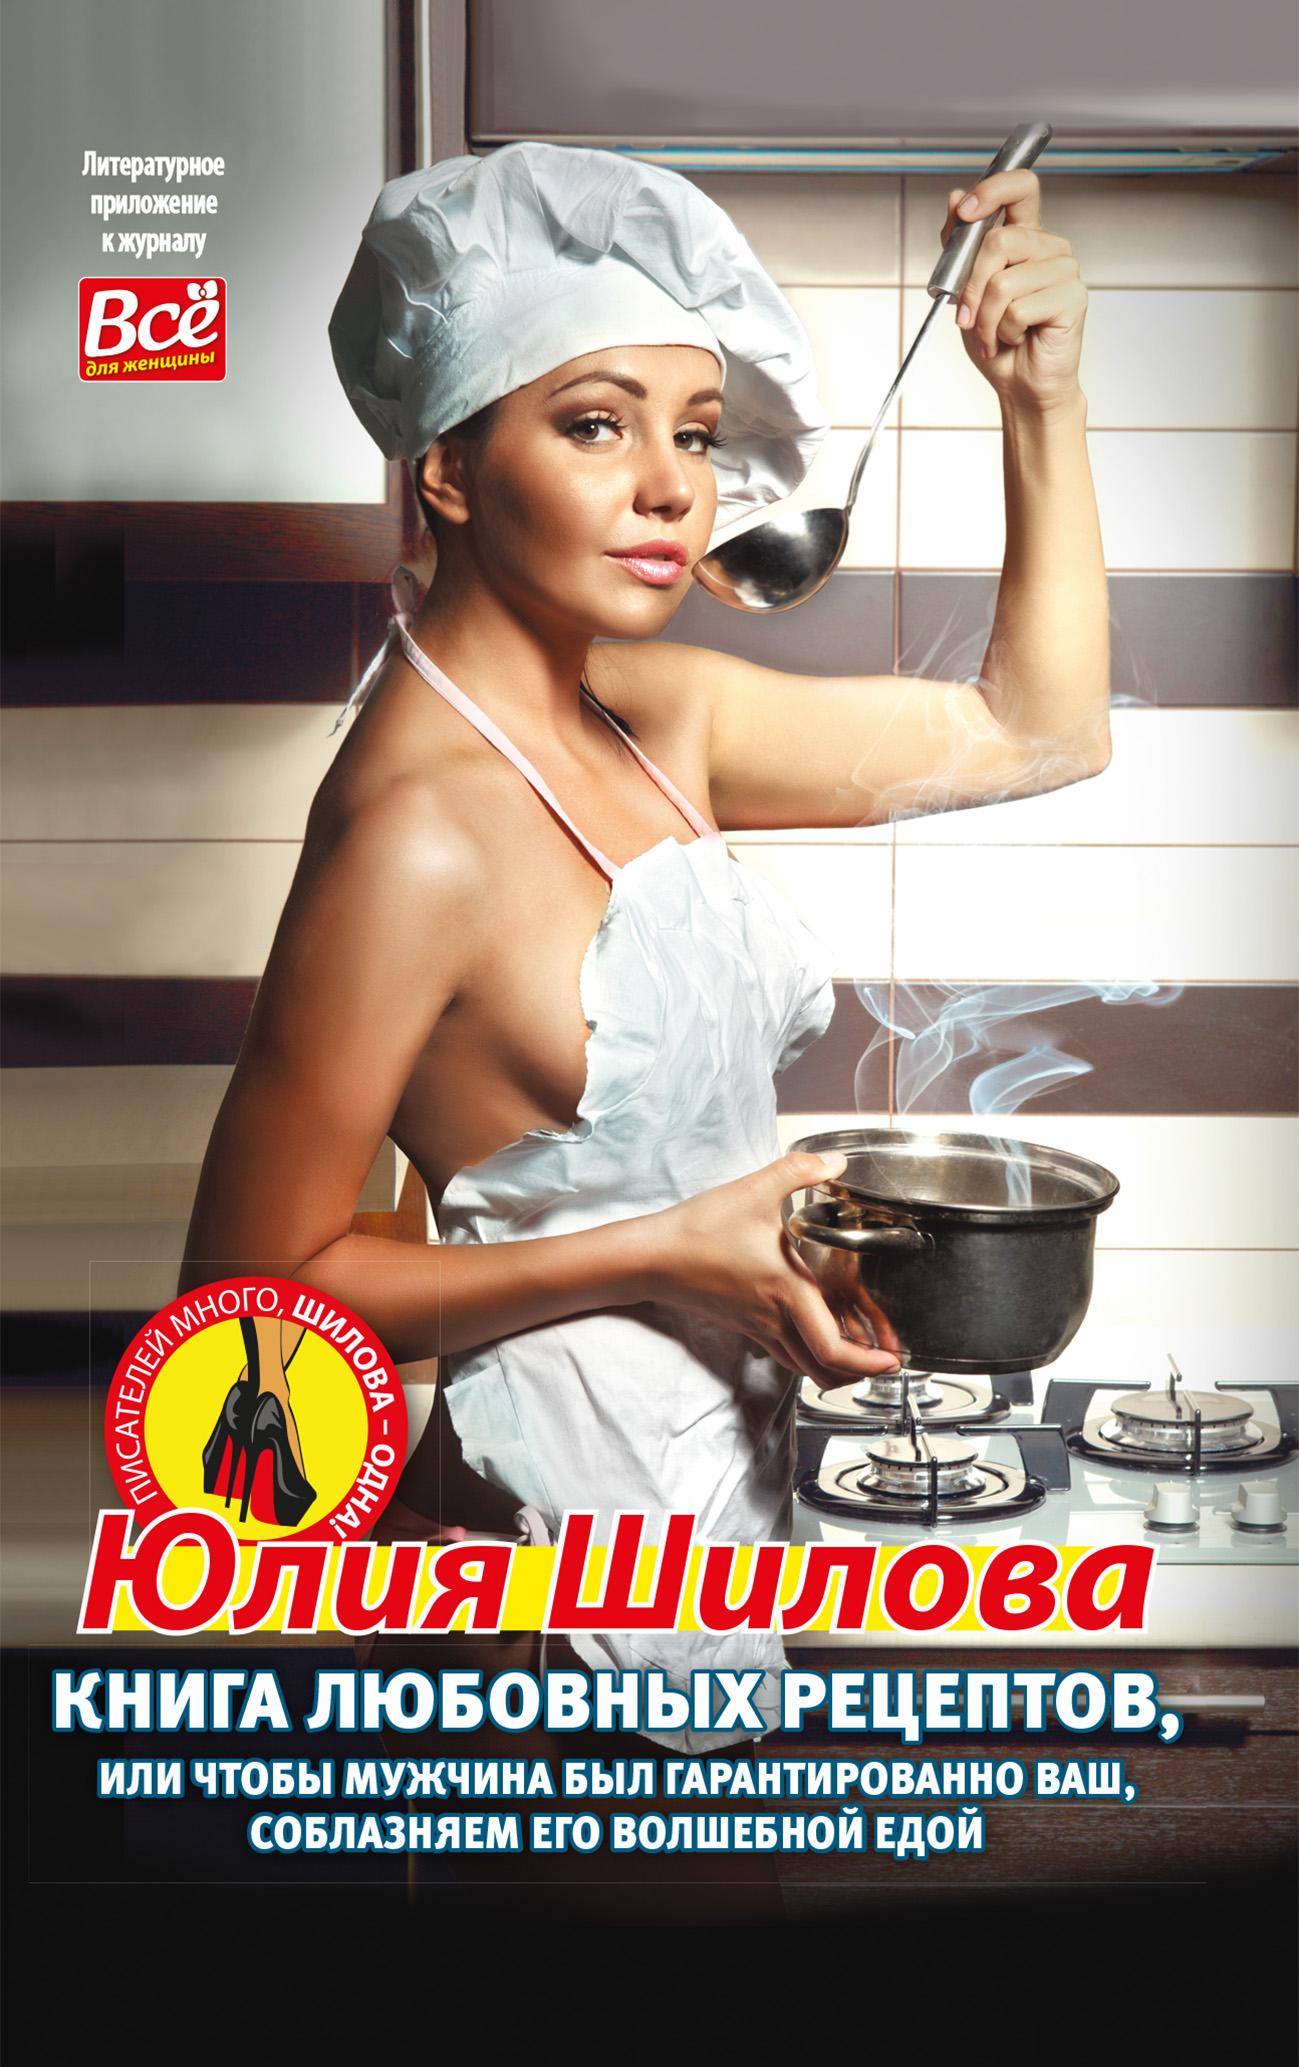 Книга любовных рецептов, или Чтобы мужчина был гарантированно ваш, соблазняем его волшебной едой